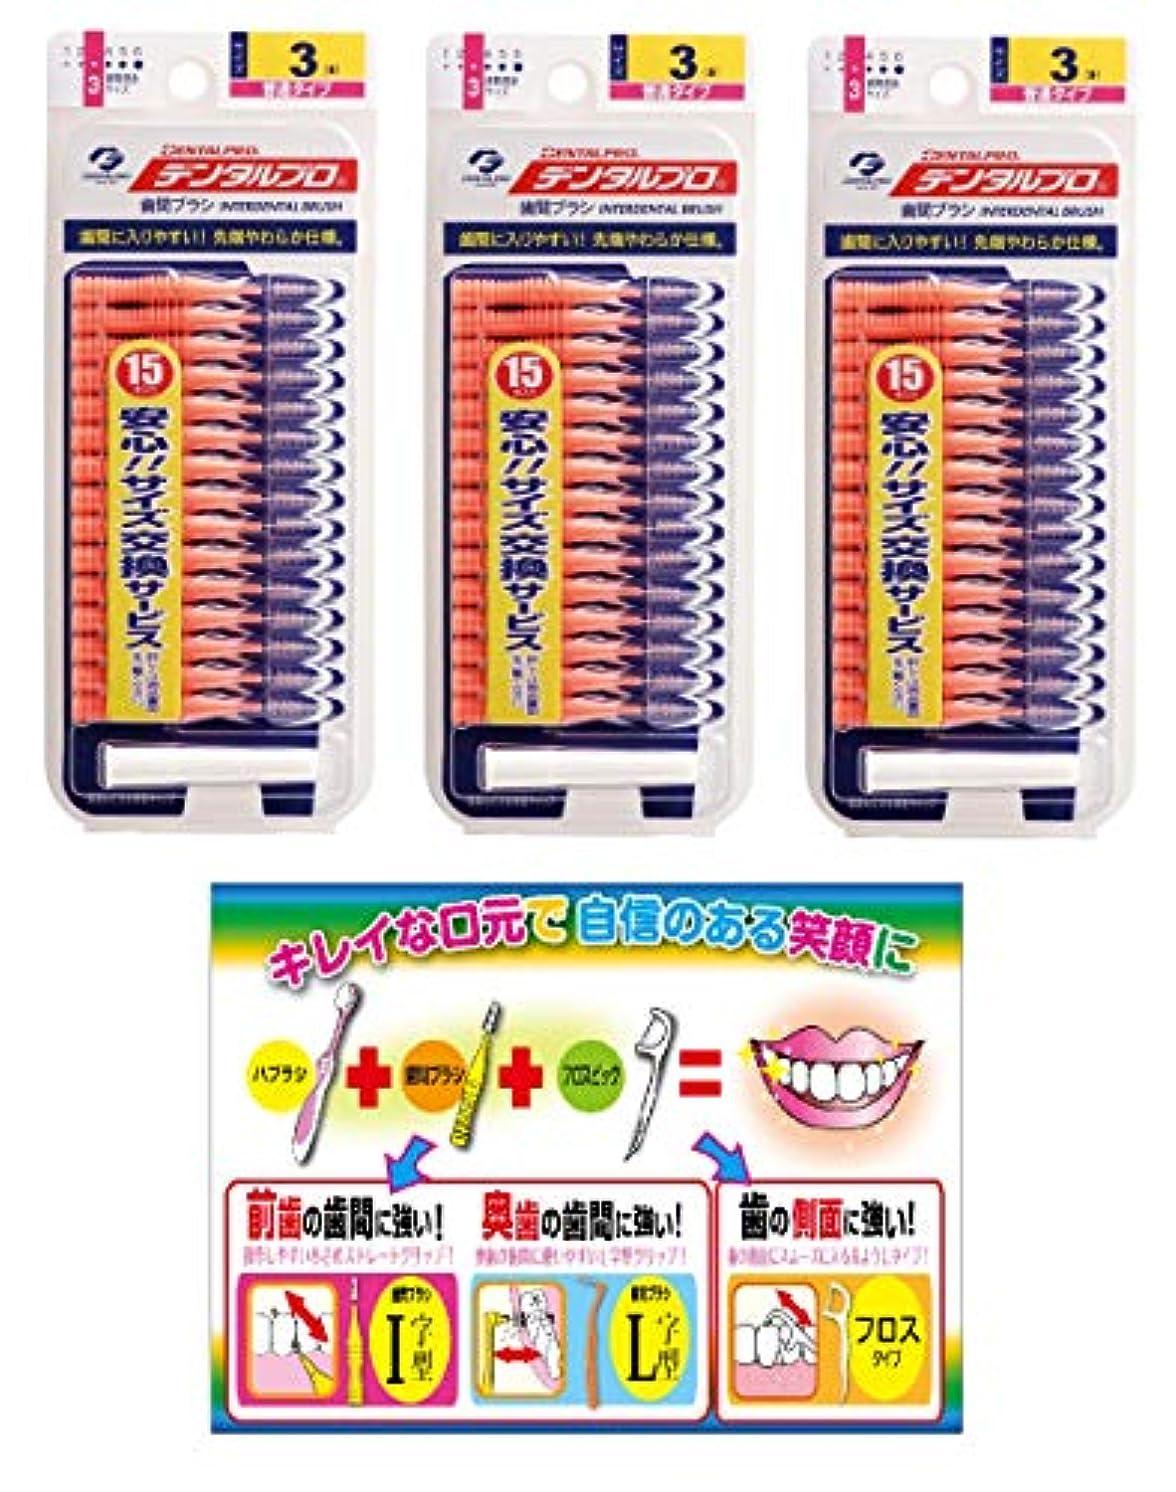 独占今後強調【Amazon.co.jp限定】DP歯間ブラシ15P サイズ3 3P+リーフレット